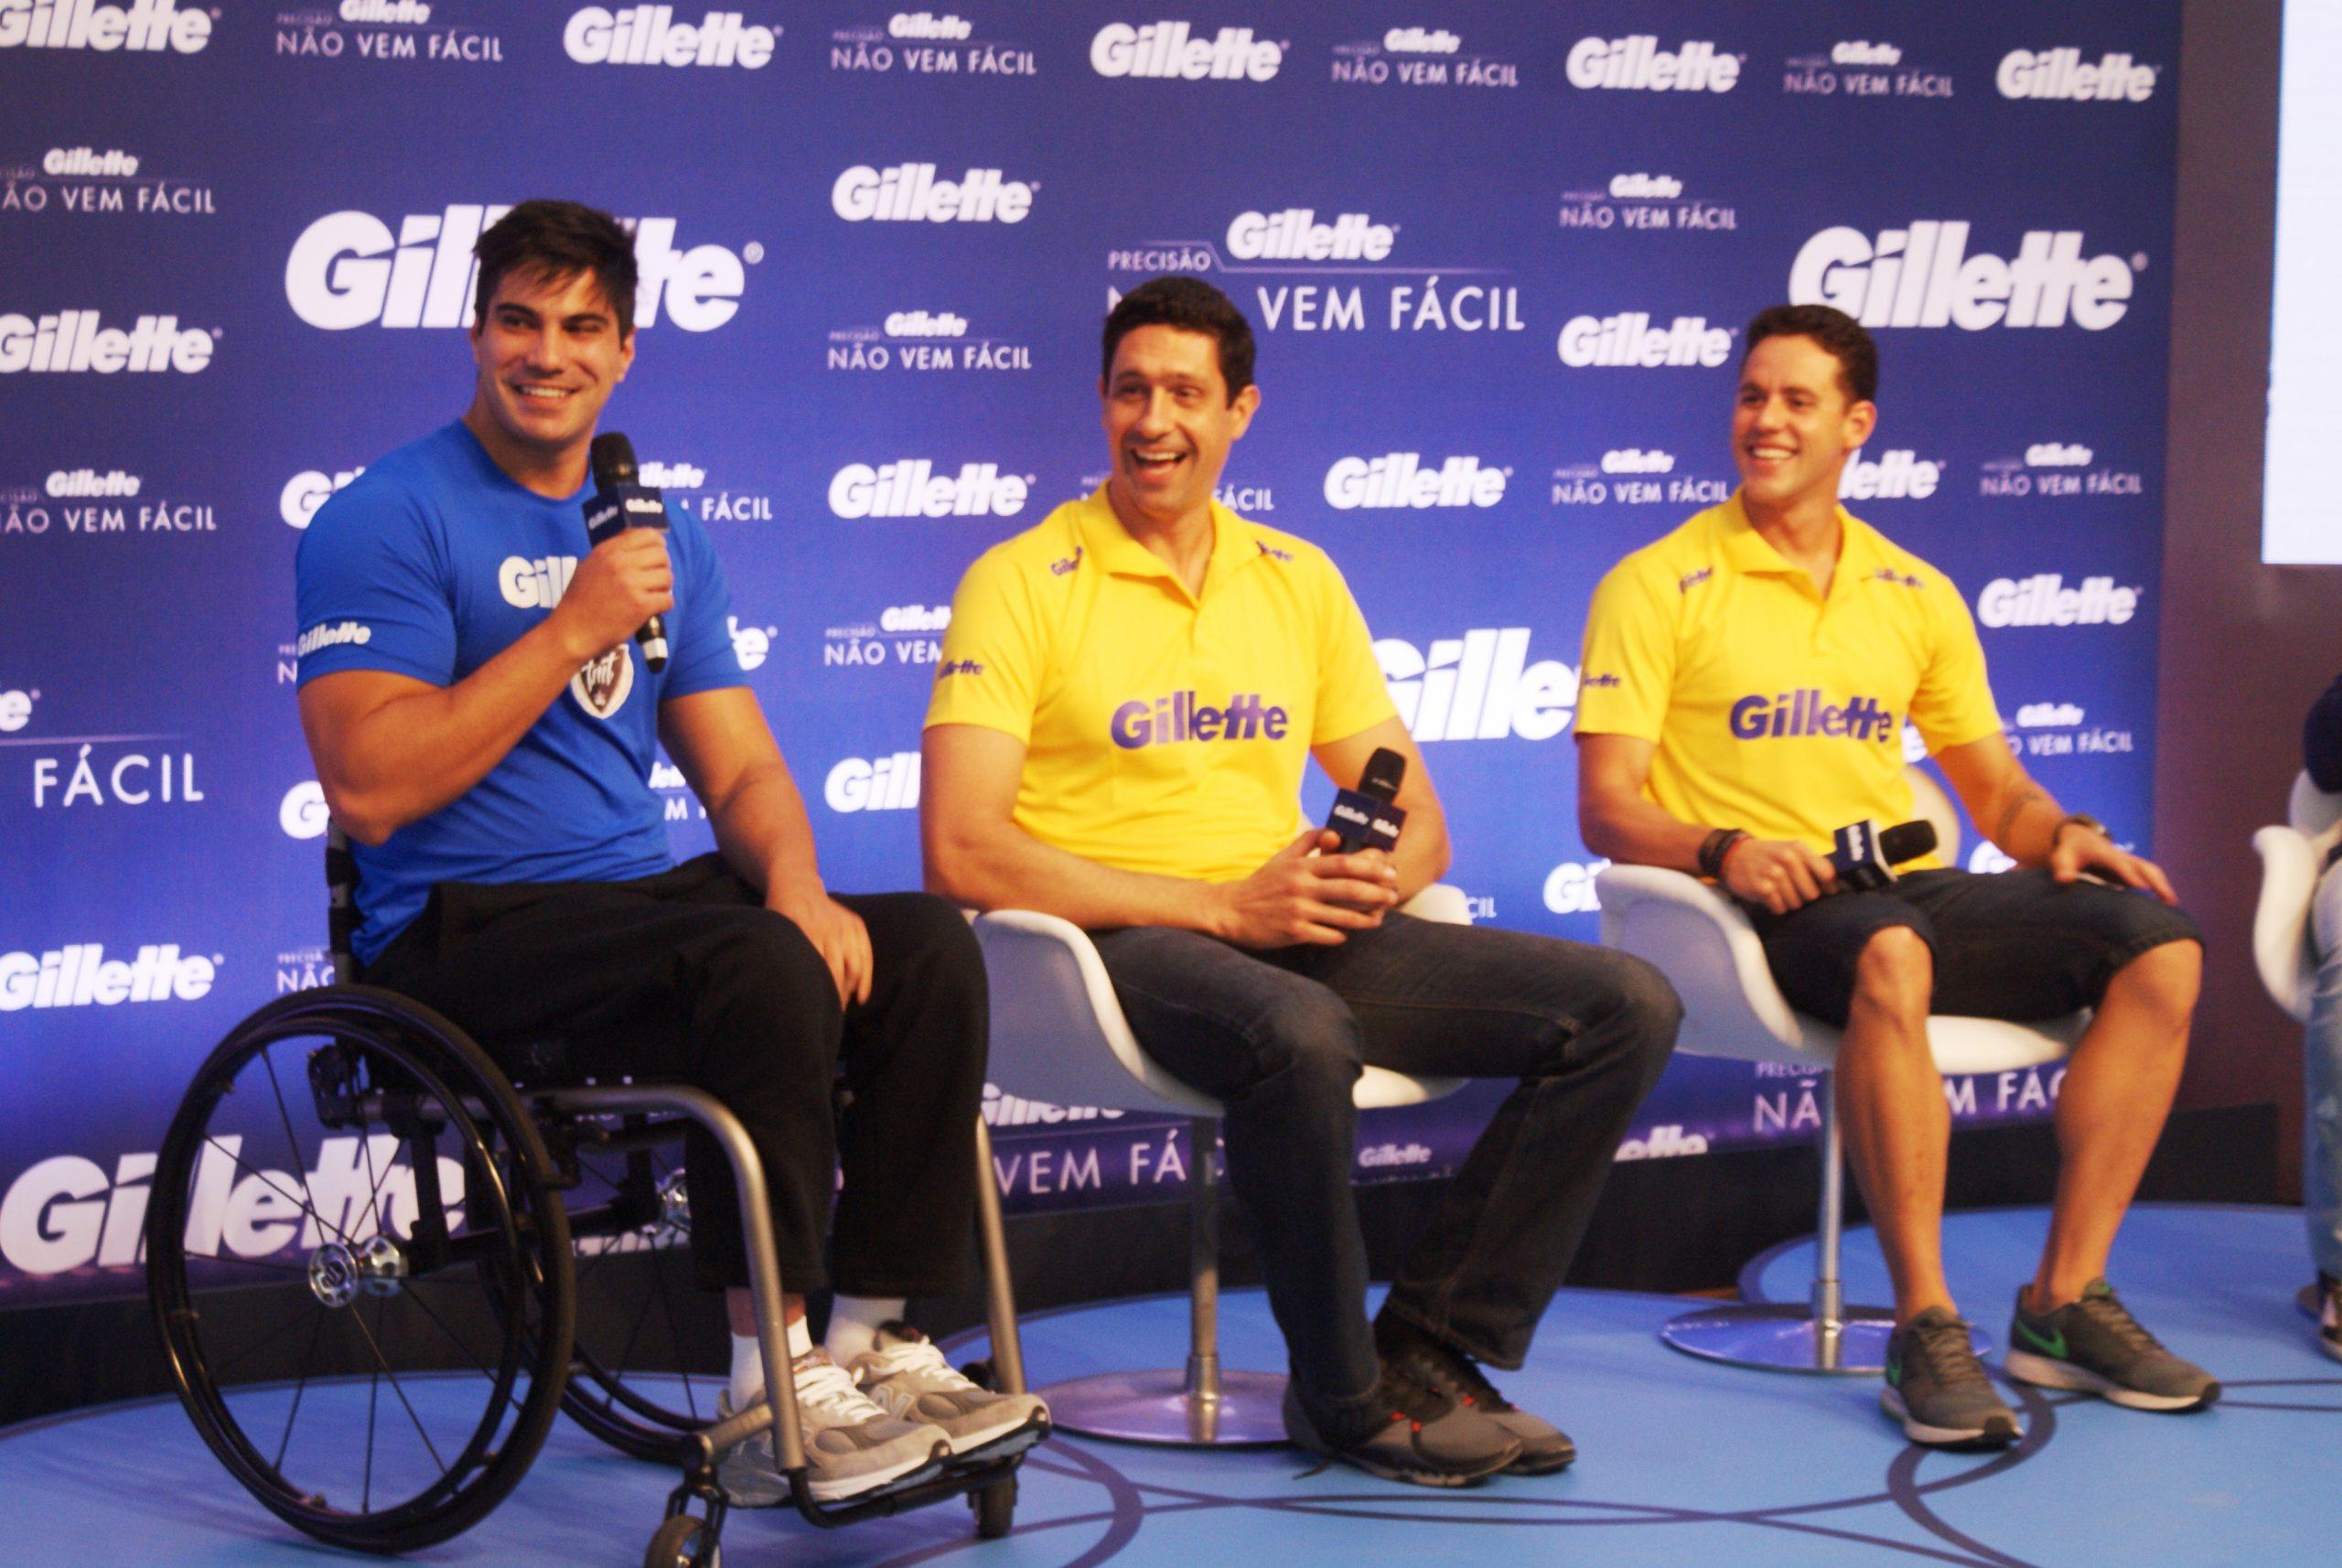 Thiago Pereira e Gustavo Borges se encontram e conversam em evento